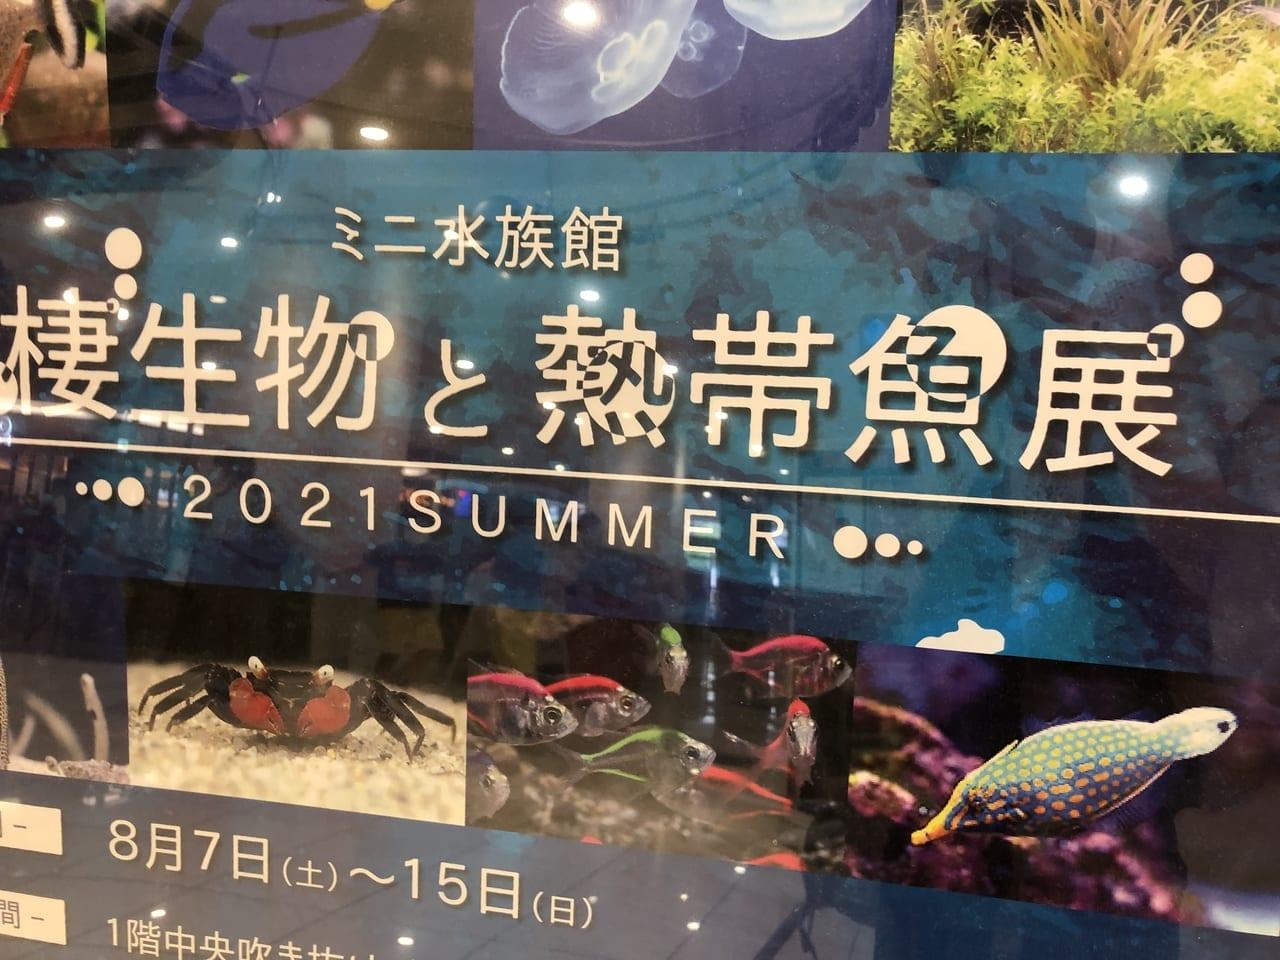 熱帯魚やちょっと変わった生物が見れる